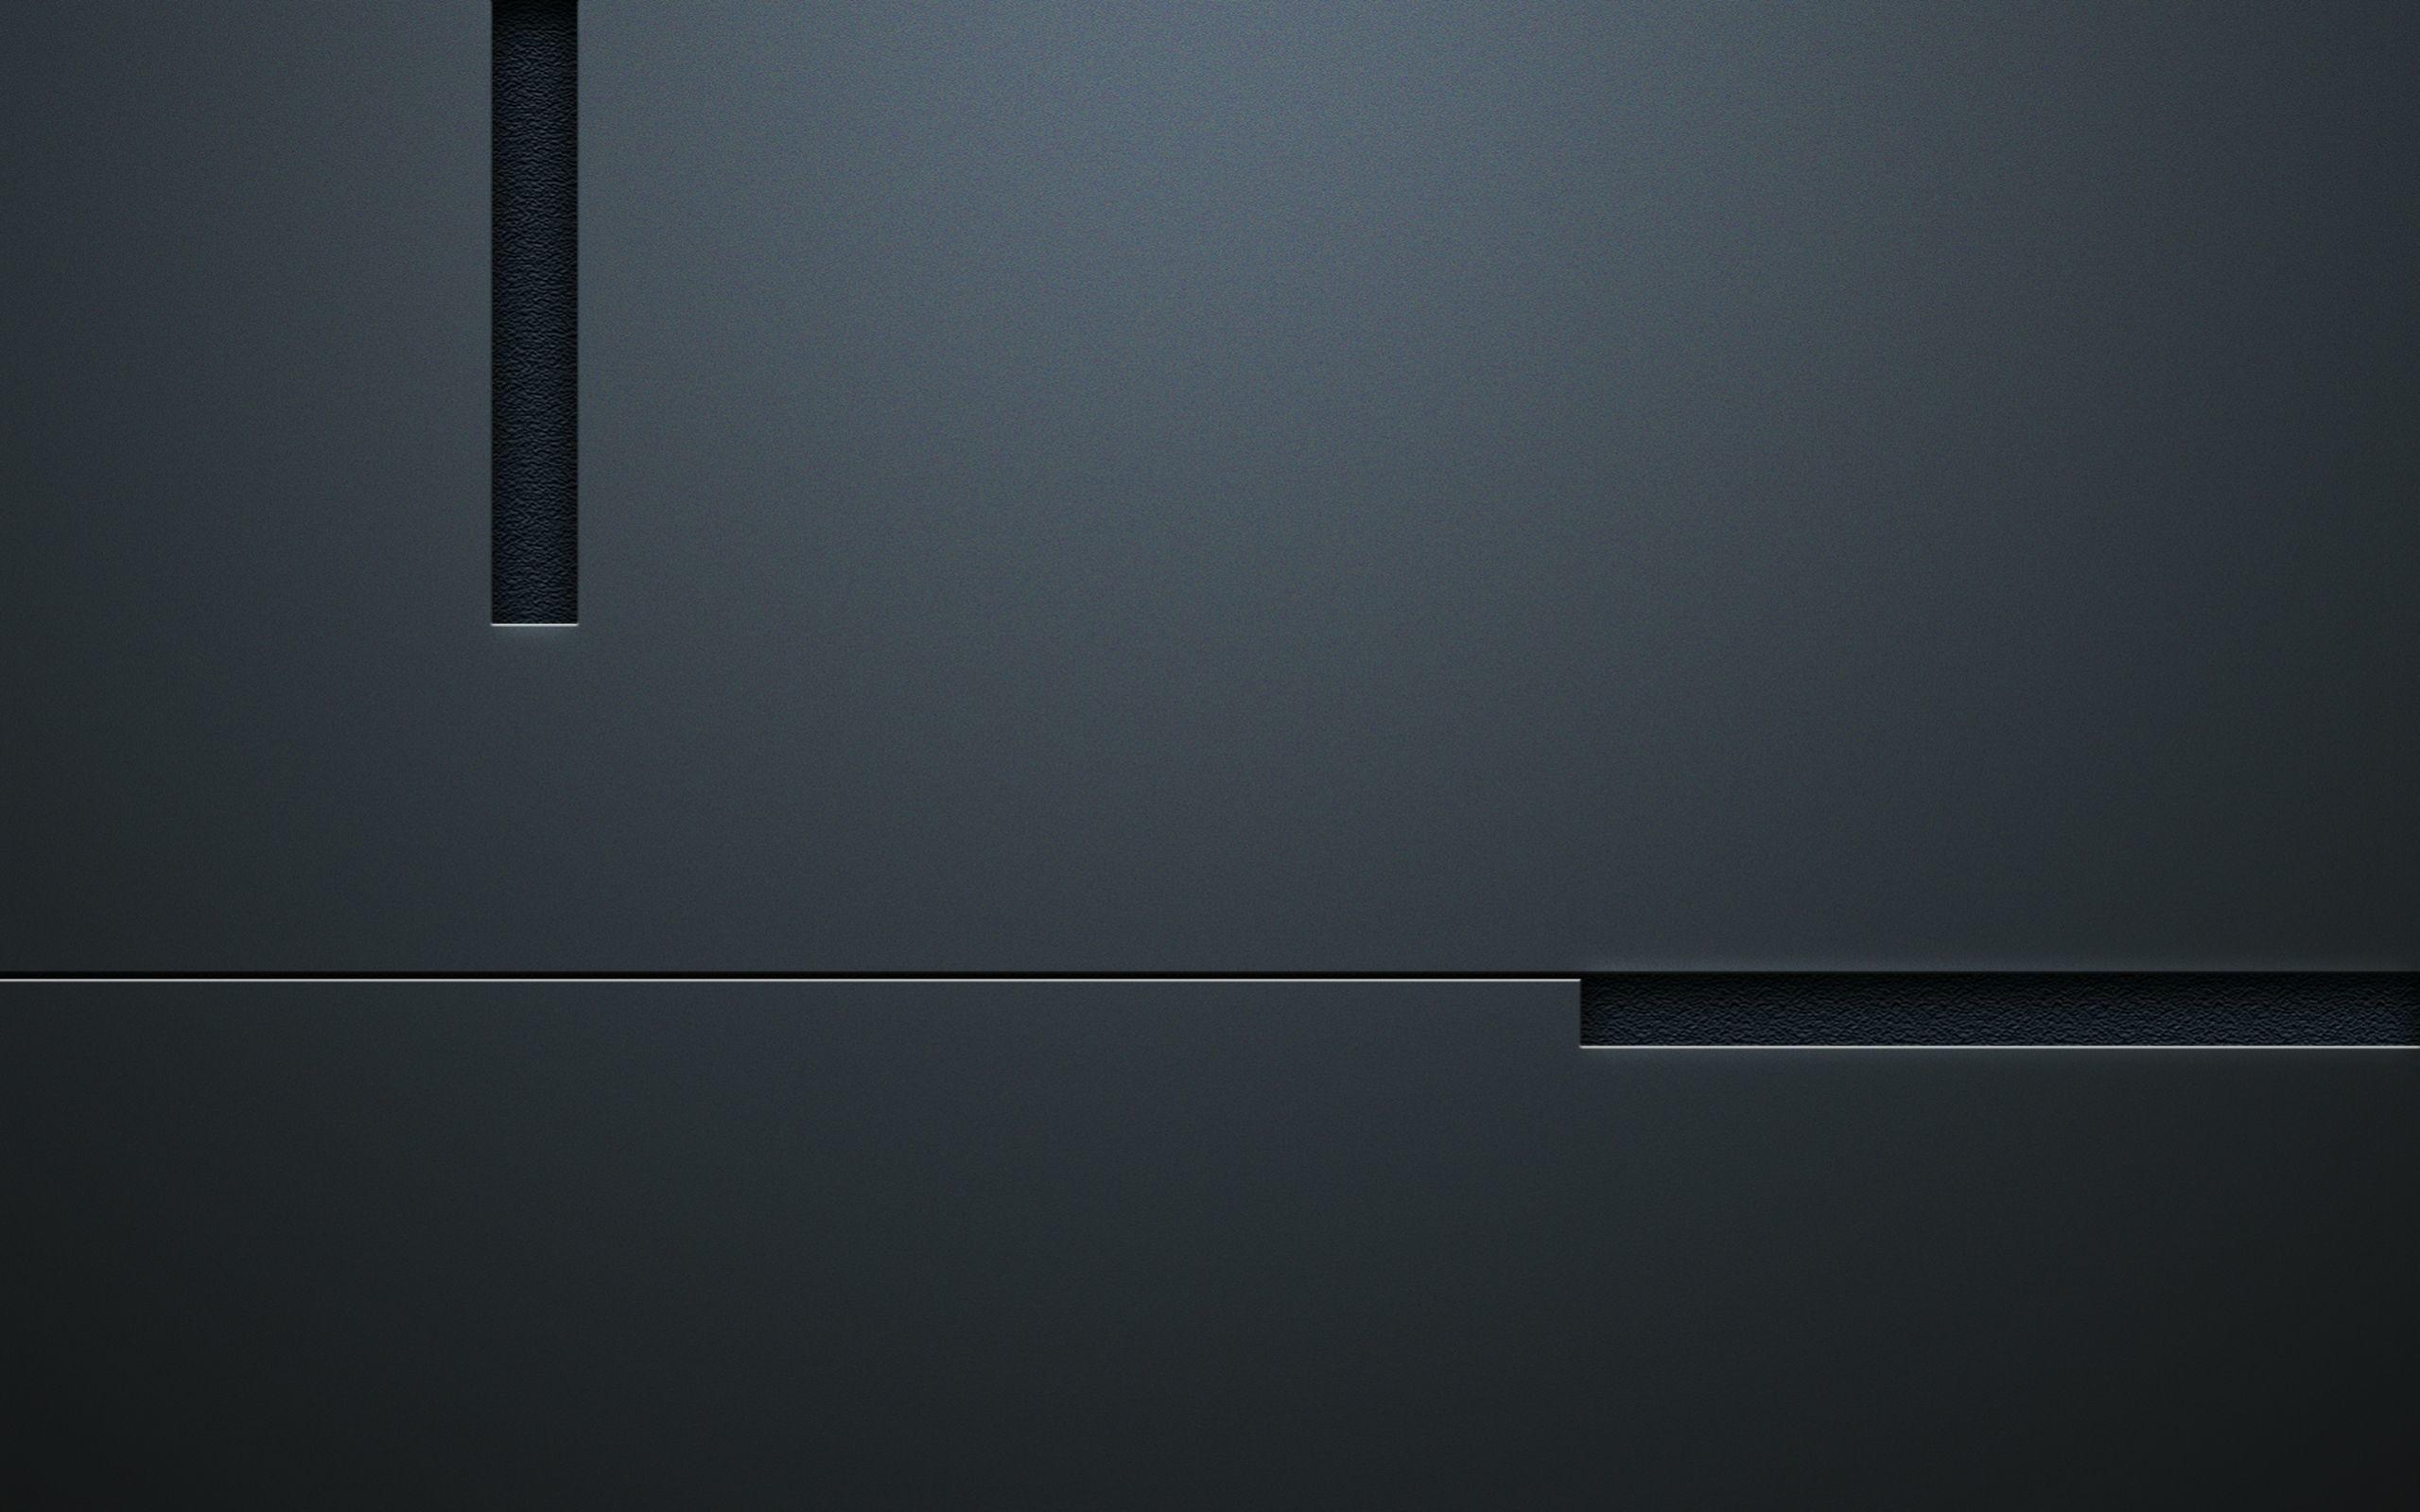 Metallic wallpapers For Your Desktop [Wallpaper Wednesday]